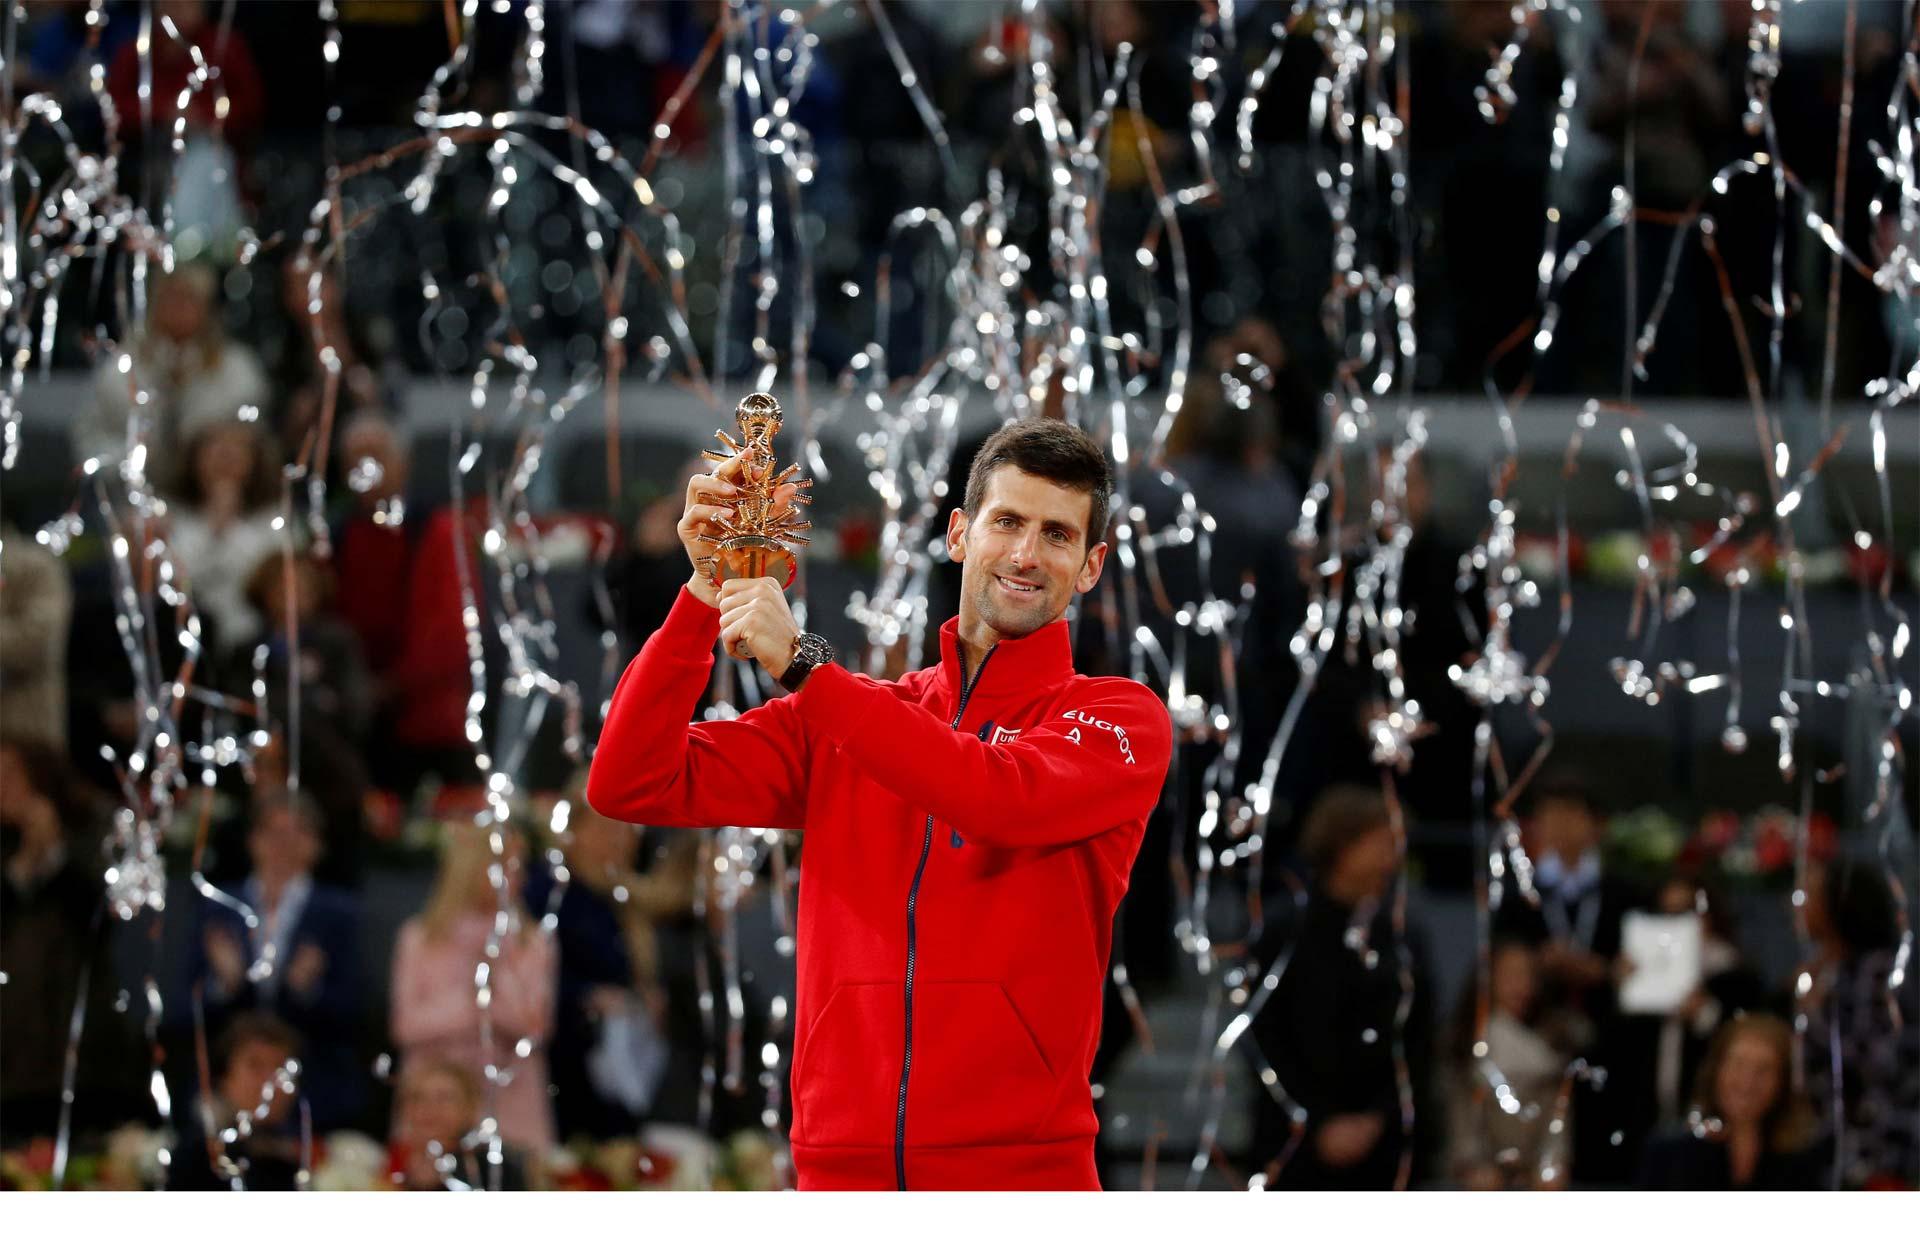 El serbio venció a Murray en la final del torneo de tenis de Madrid. Sumó su quito título en la temporada